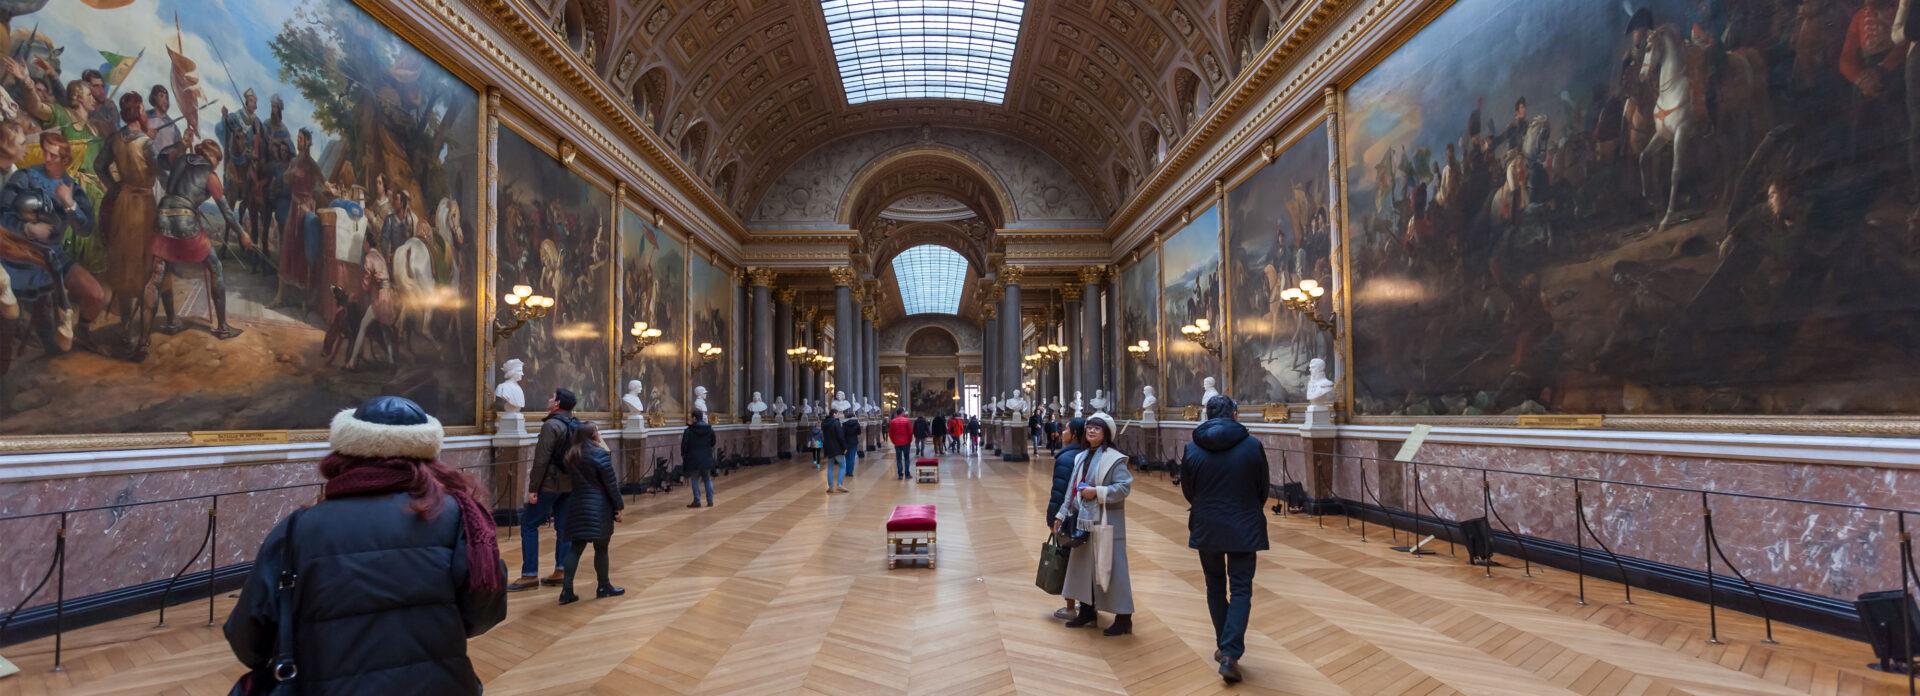 Anbefalte museer Paris Frankrike museum guide tips